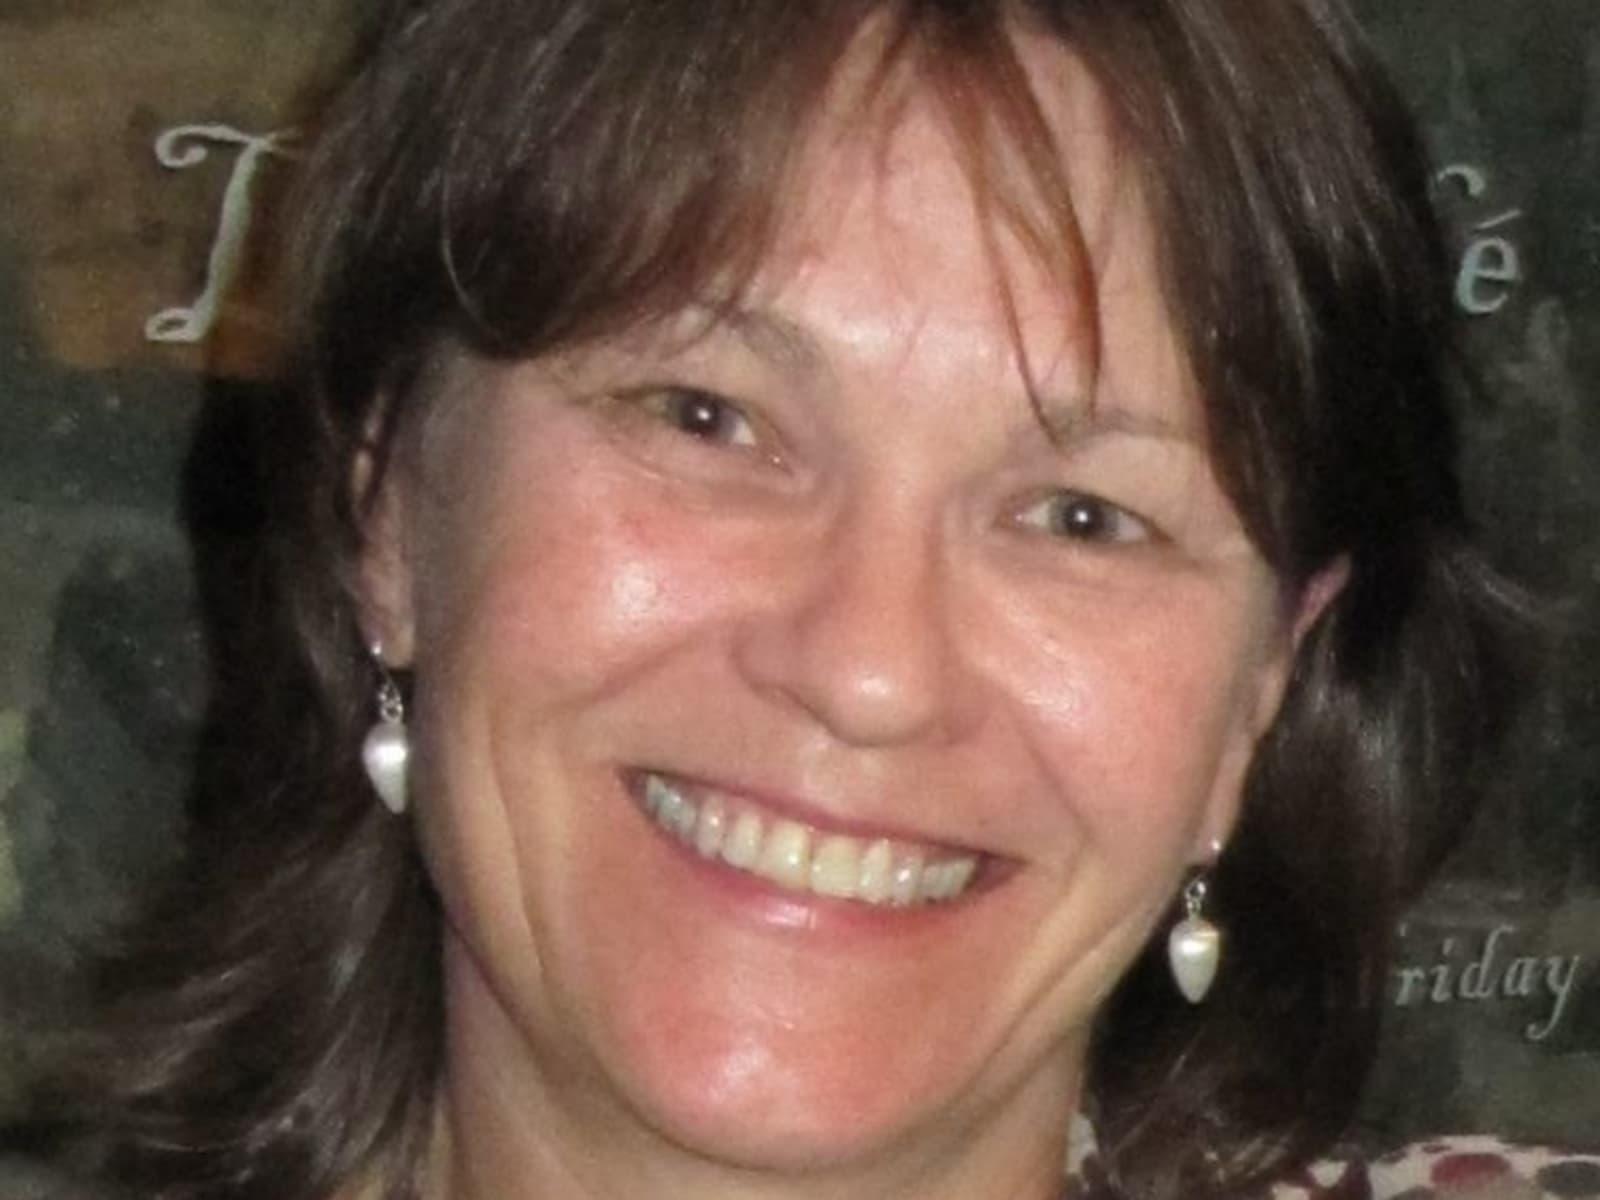 Tania from Melbourne, Victoria, Australia